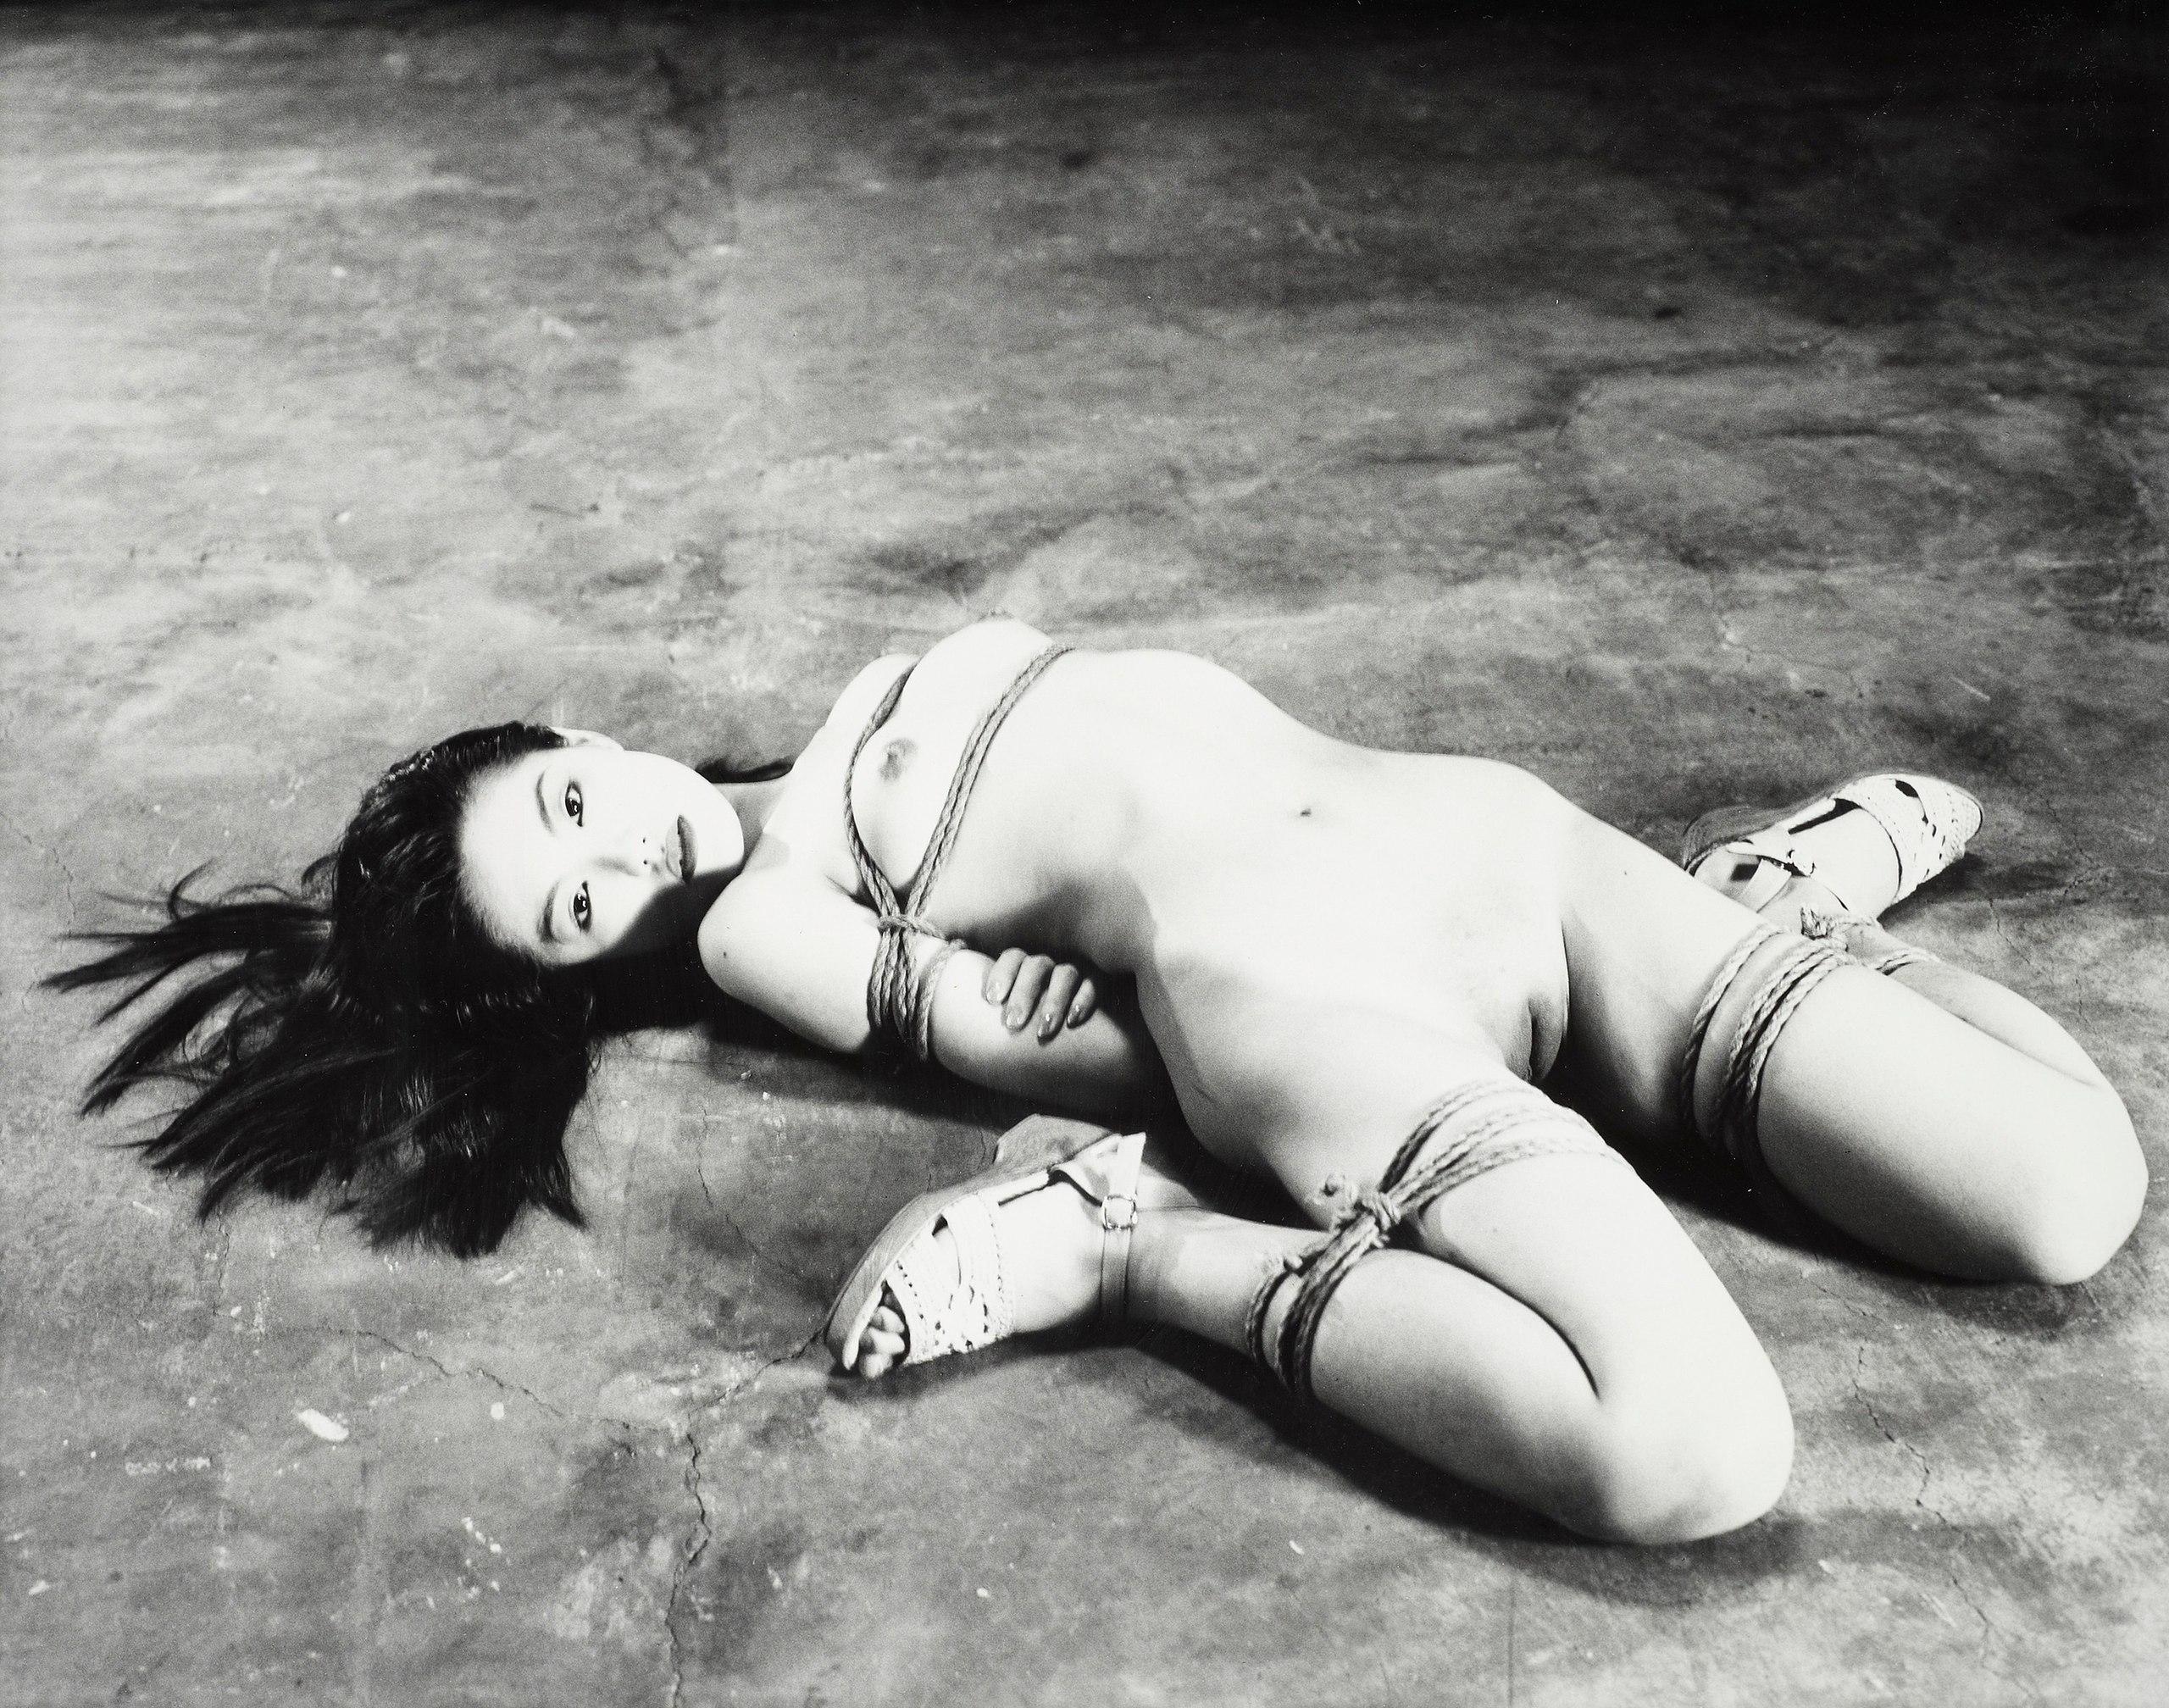 Рабыни подвешенные за ноги 13 фотография